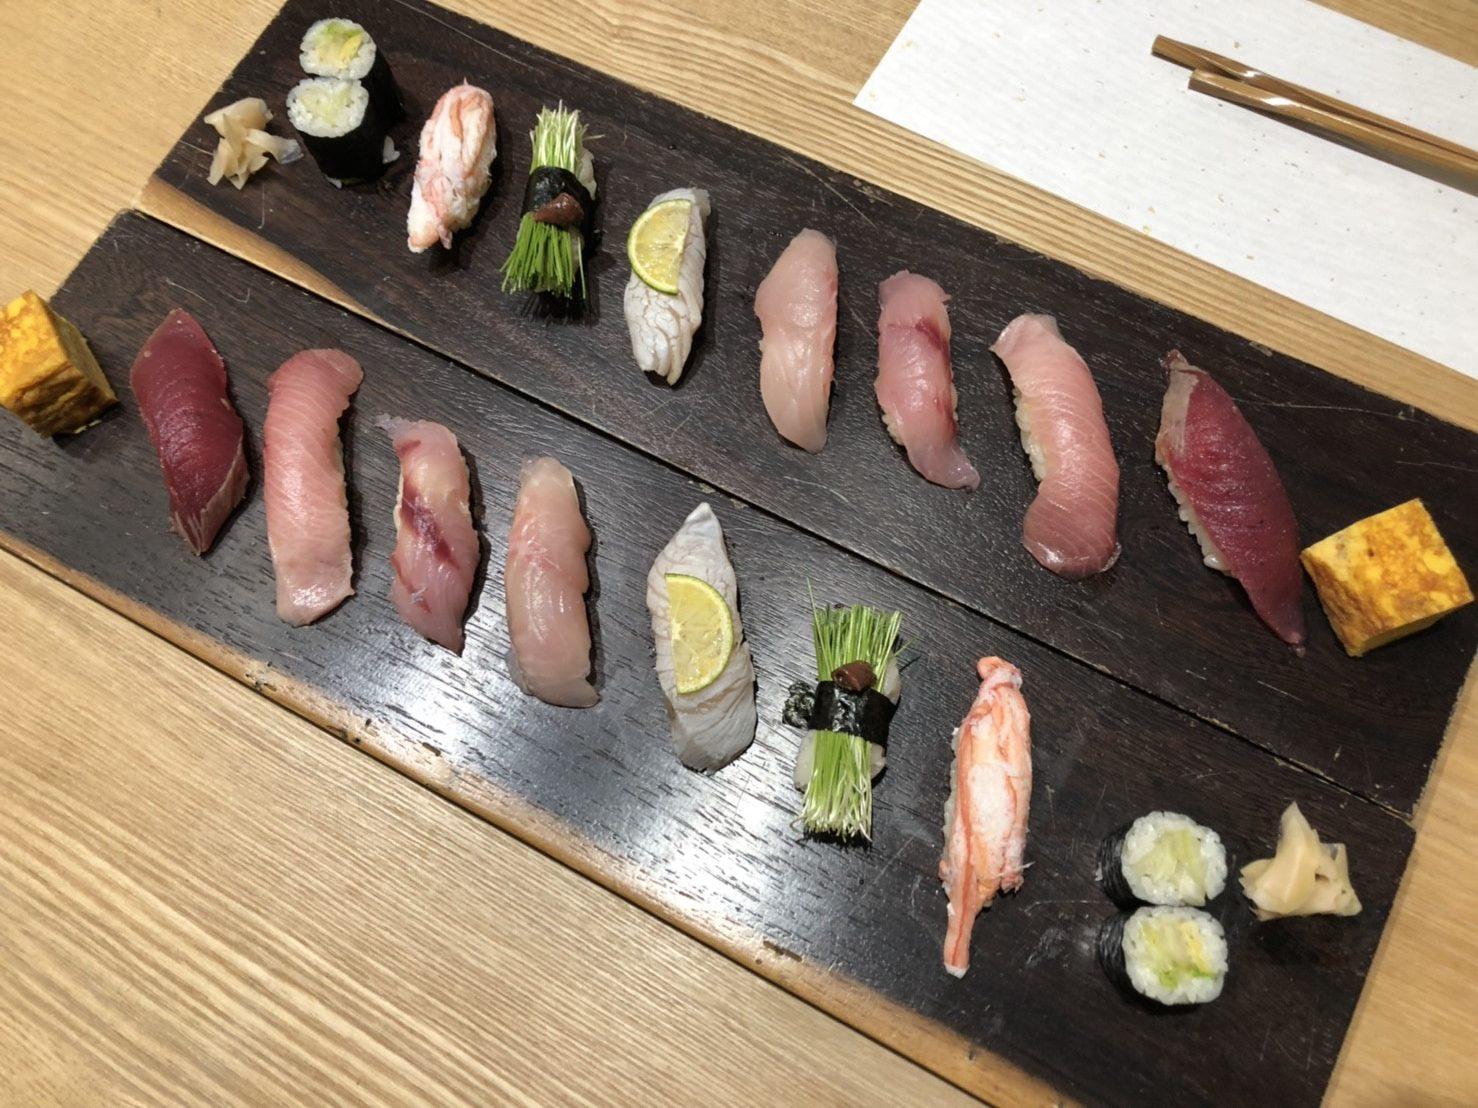 岐阜で美味しい寿司ランチはここ‼予約必須の★たなか★